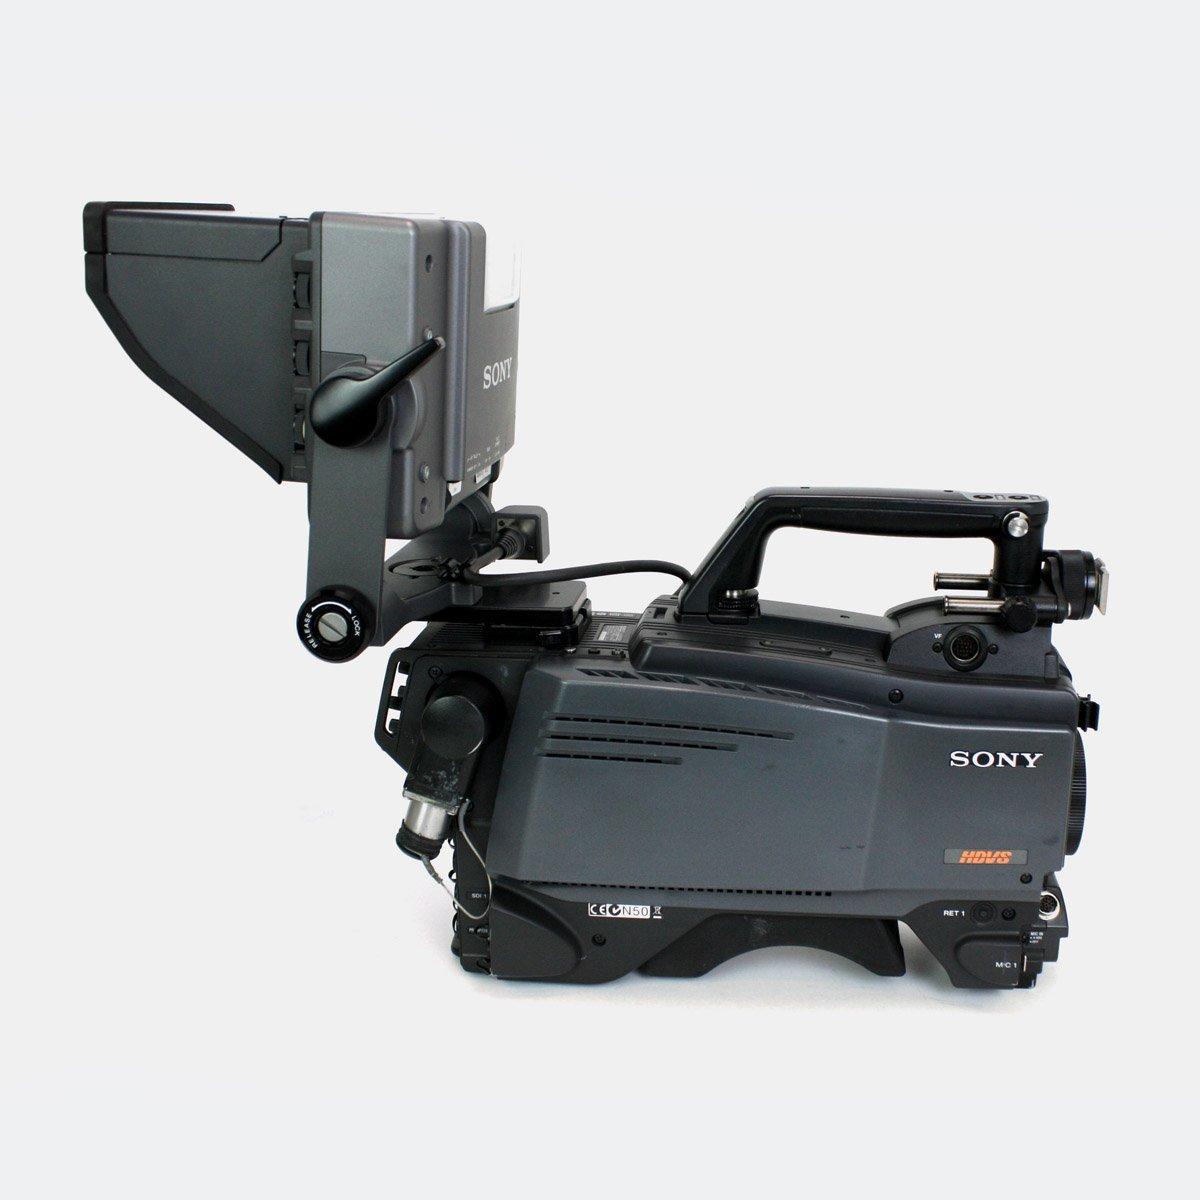 Sony 750 hd camera